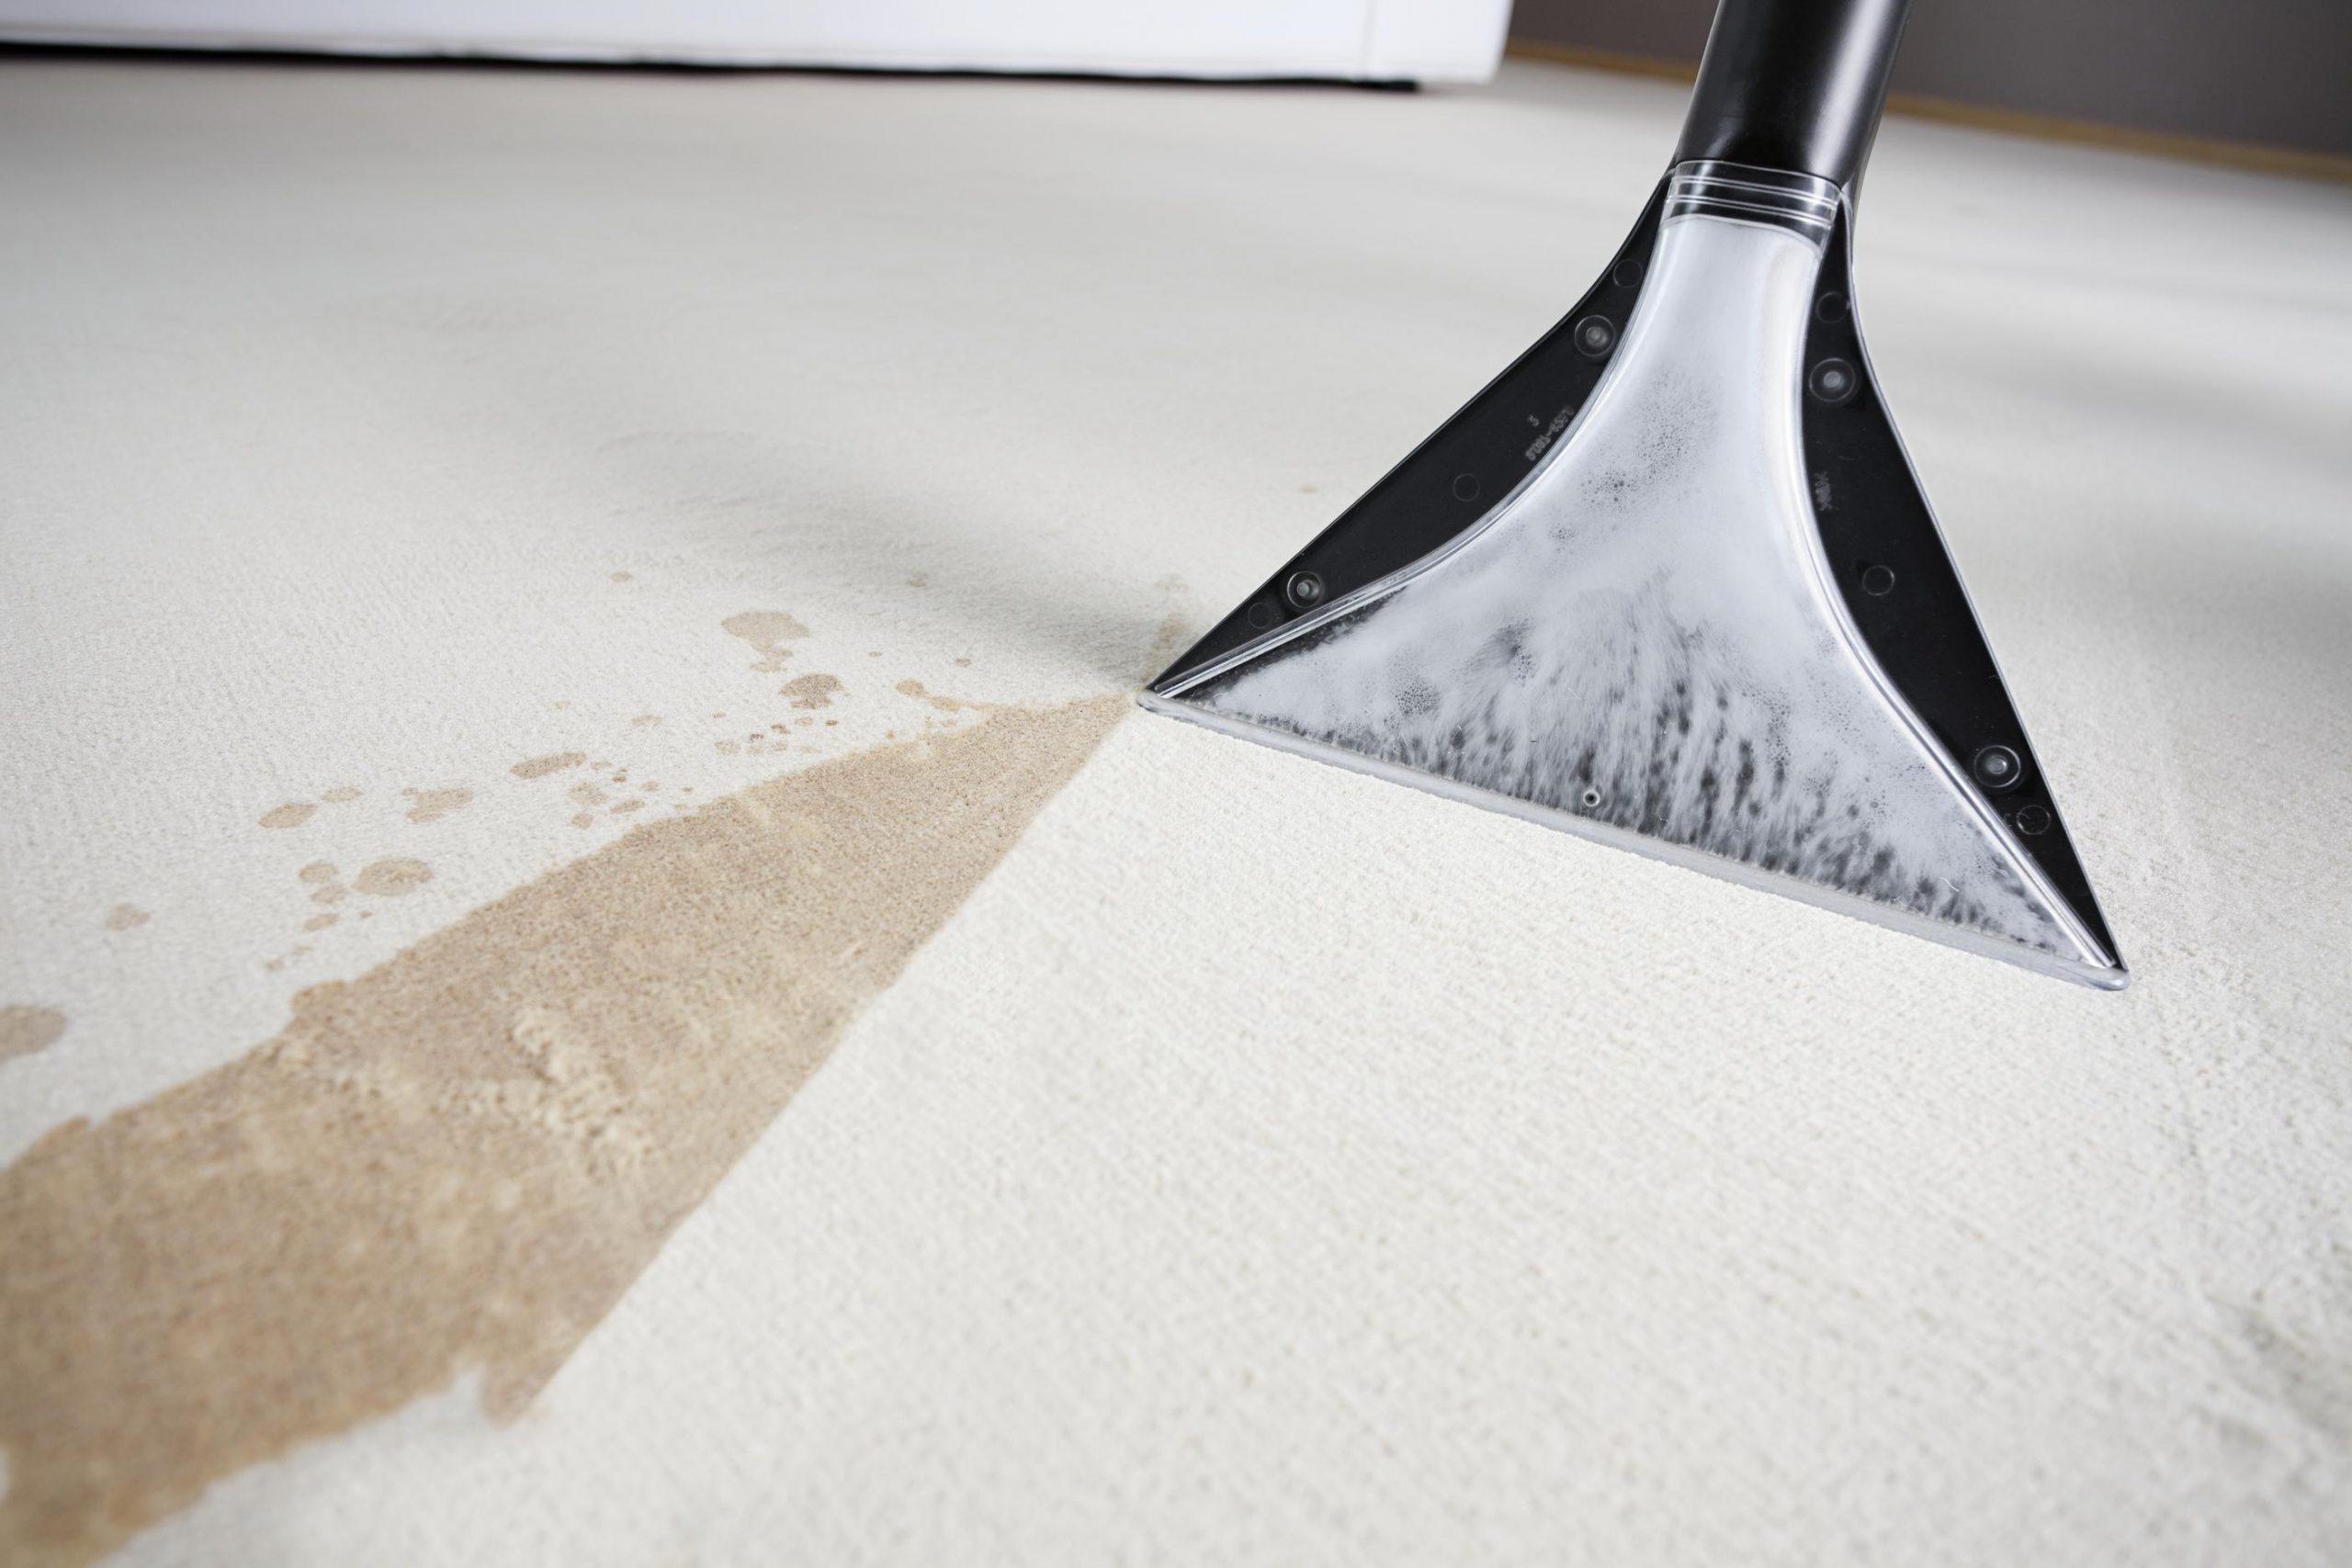 химчистка ковров и мебели в офисе - услуги в Краснодаре